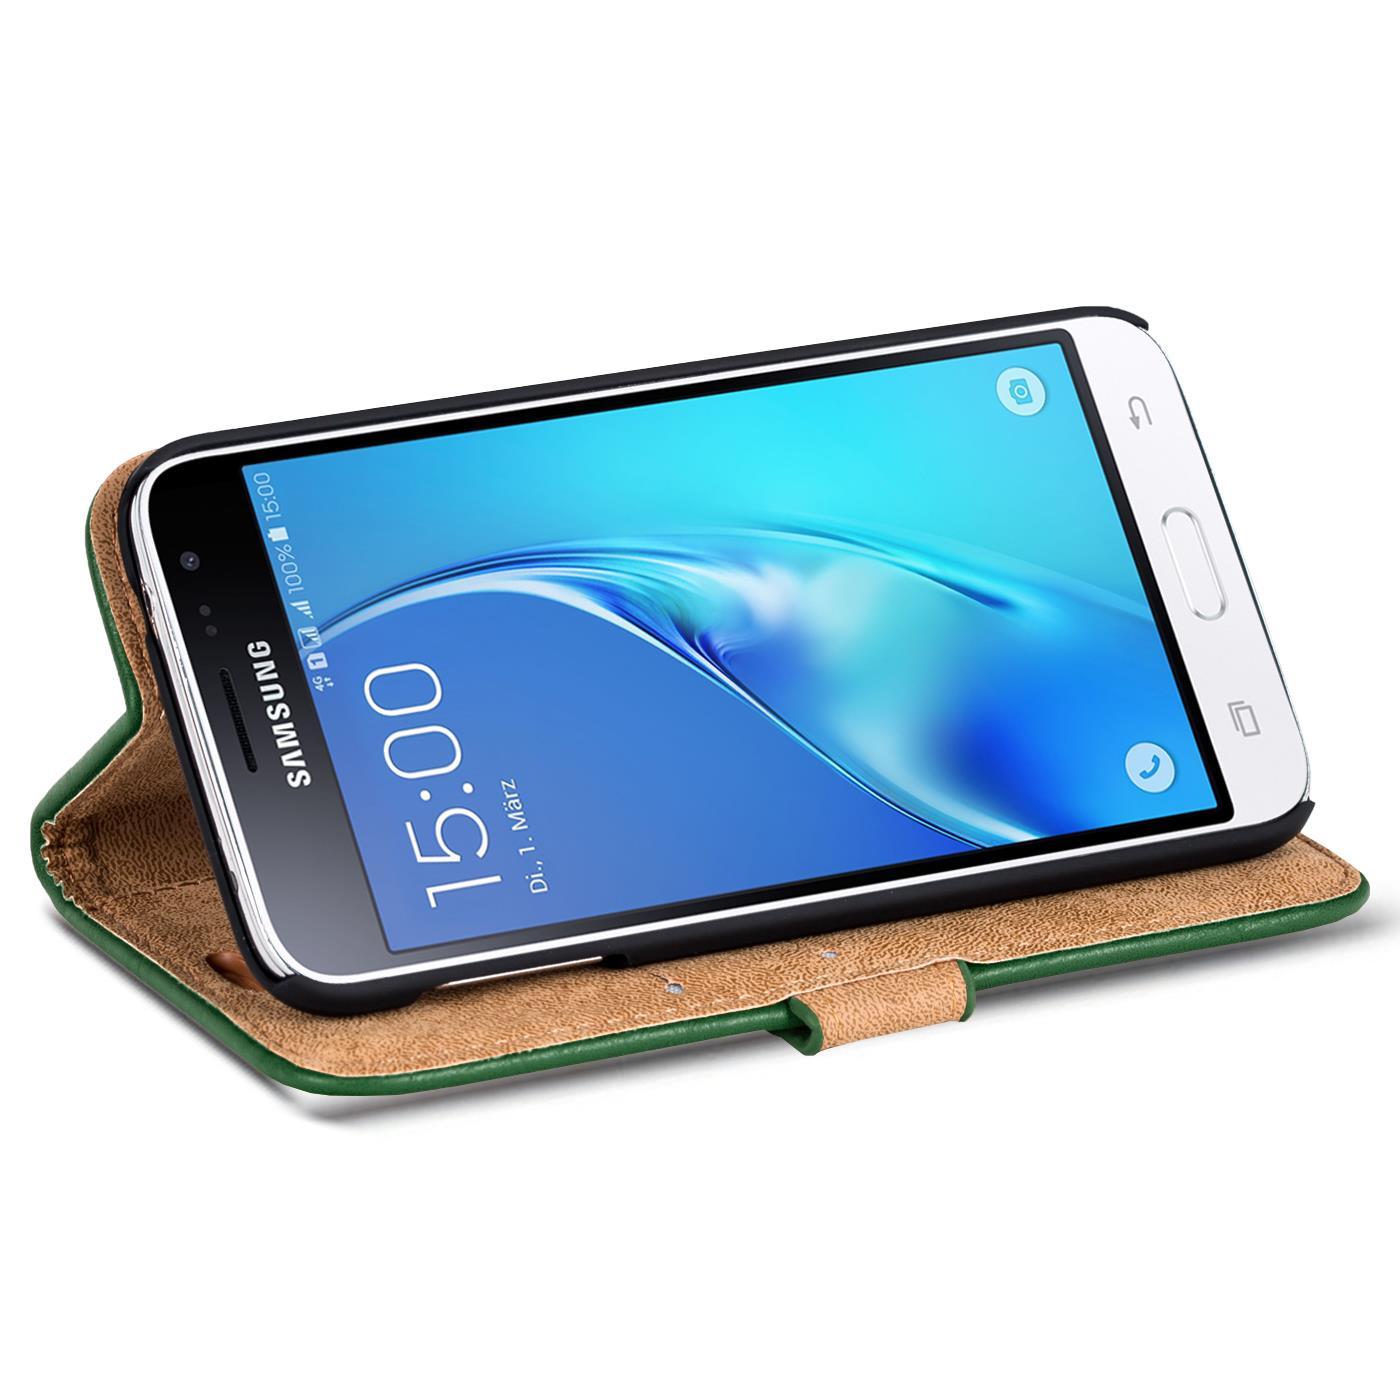 Handy-Tasche-Huelle-Samsung-Galaxy-J1-2016-Case-Klapphuelle-PU-Leder-Wallet-Cover Indexbild 5